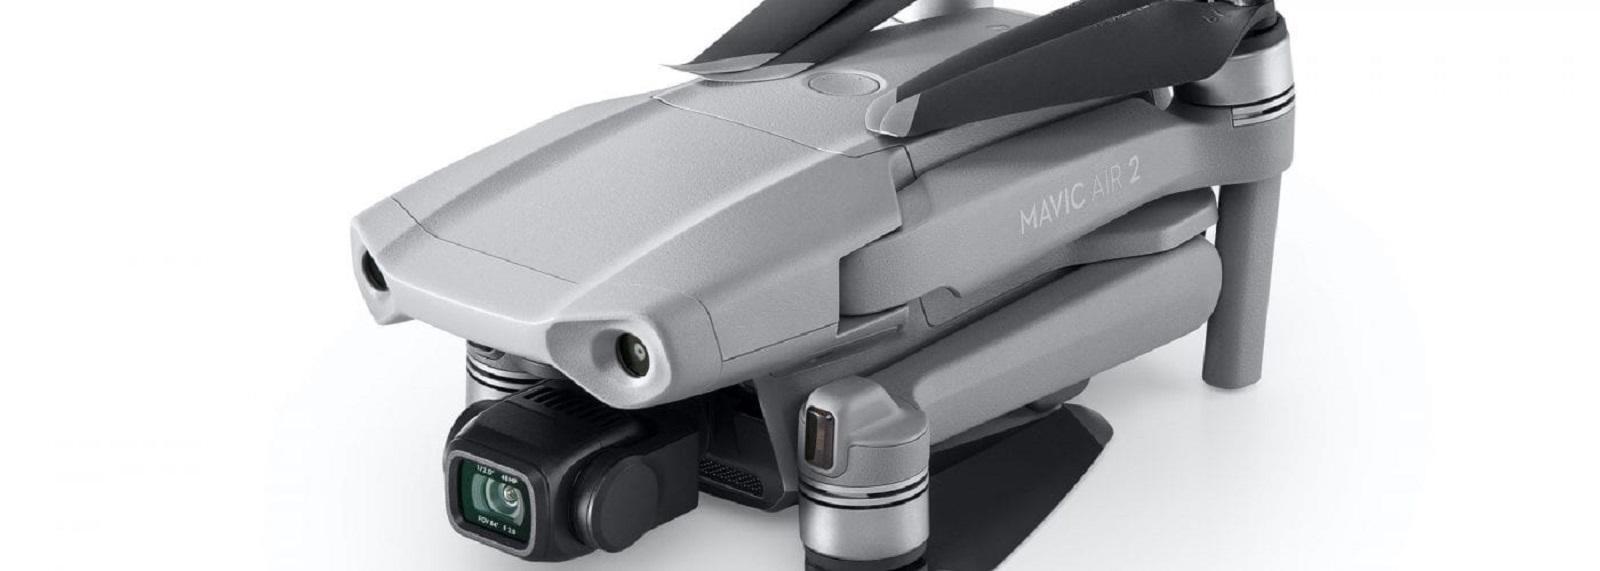 Обновление прошивки Mavic Air 2 от DJI – v01.00.0113